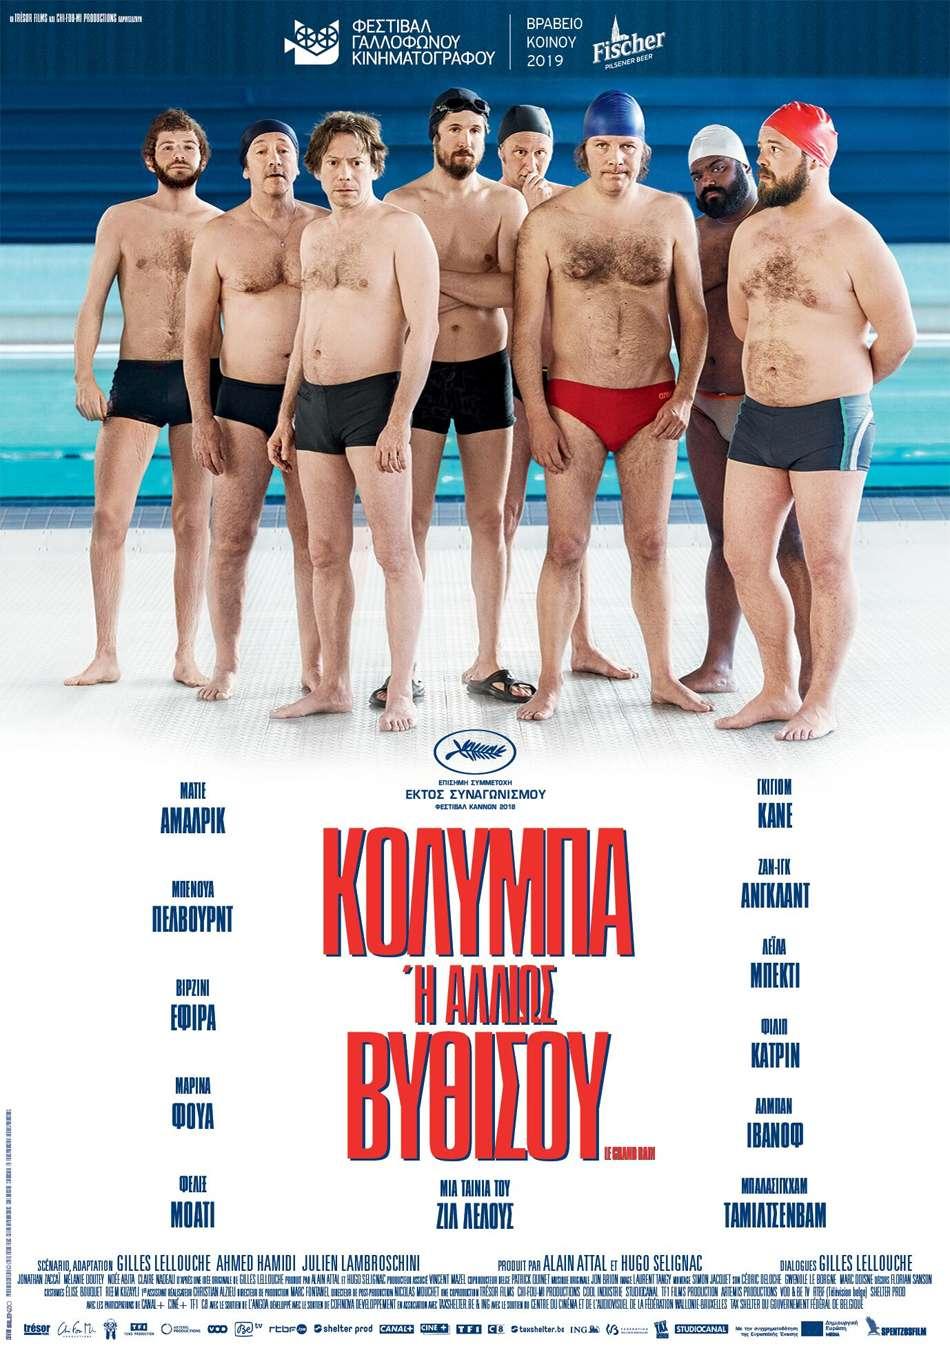 Κολύμπα ή Αλλιώς Βυθίσου (Le Grand Bain / Sink Or Swim) Poster Πόστερ